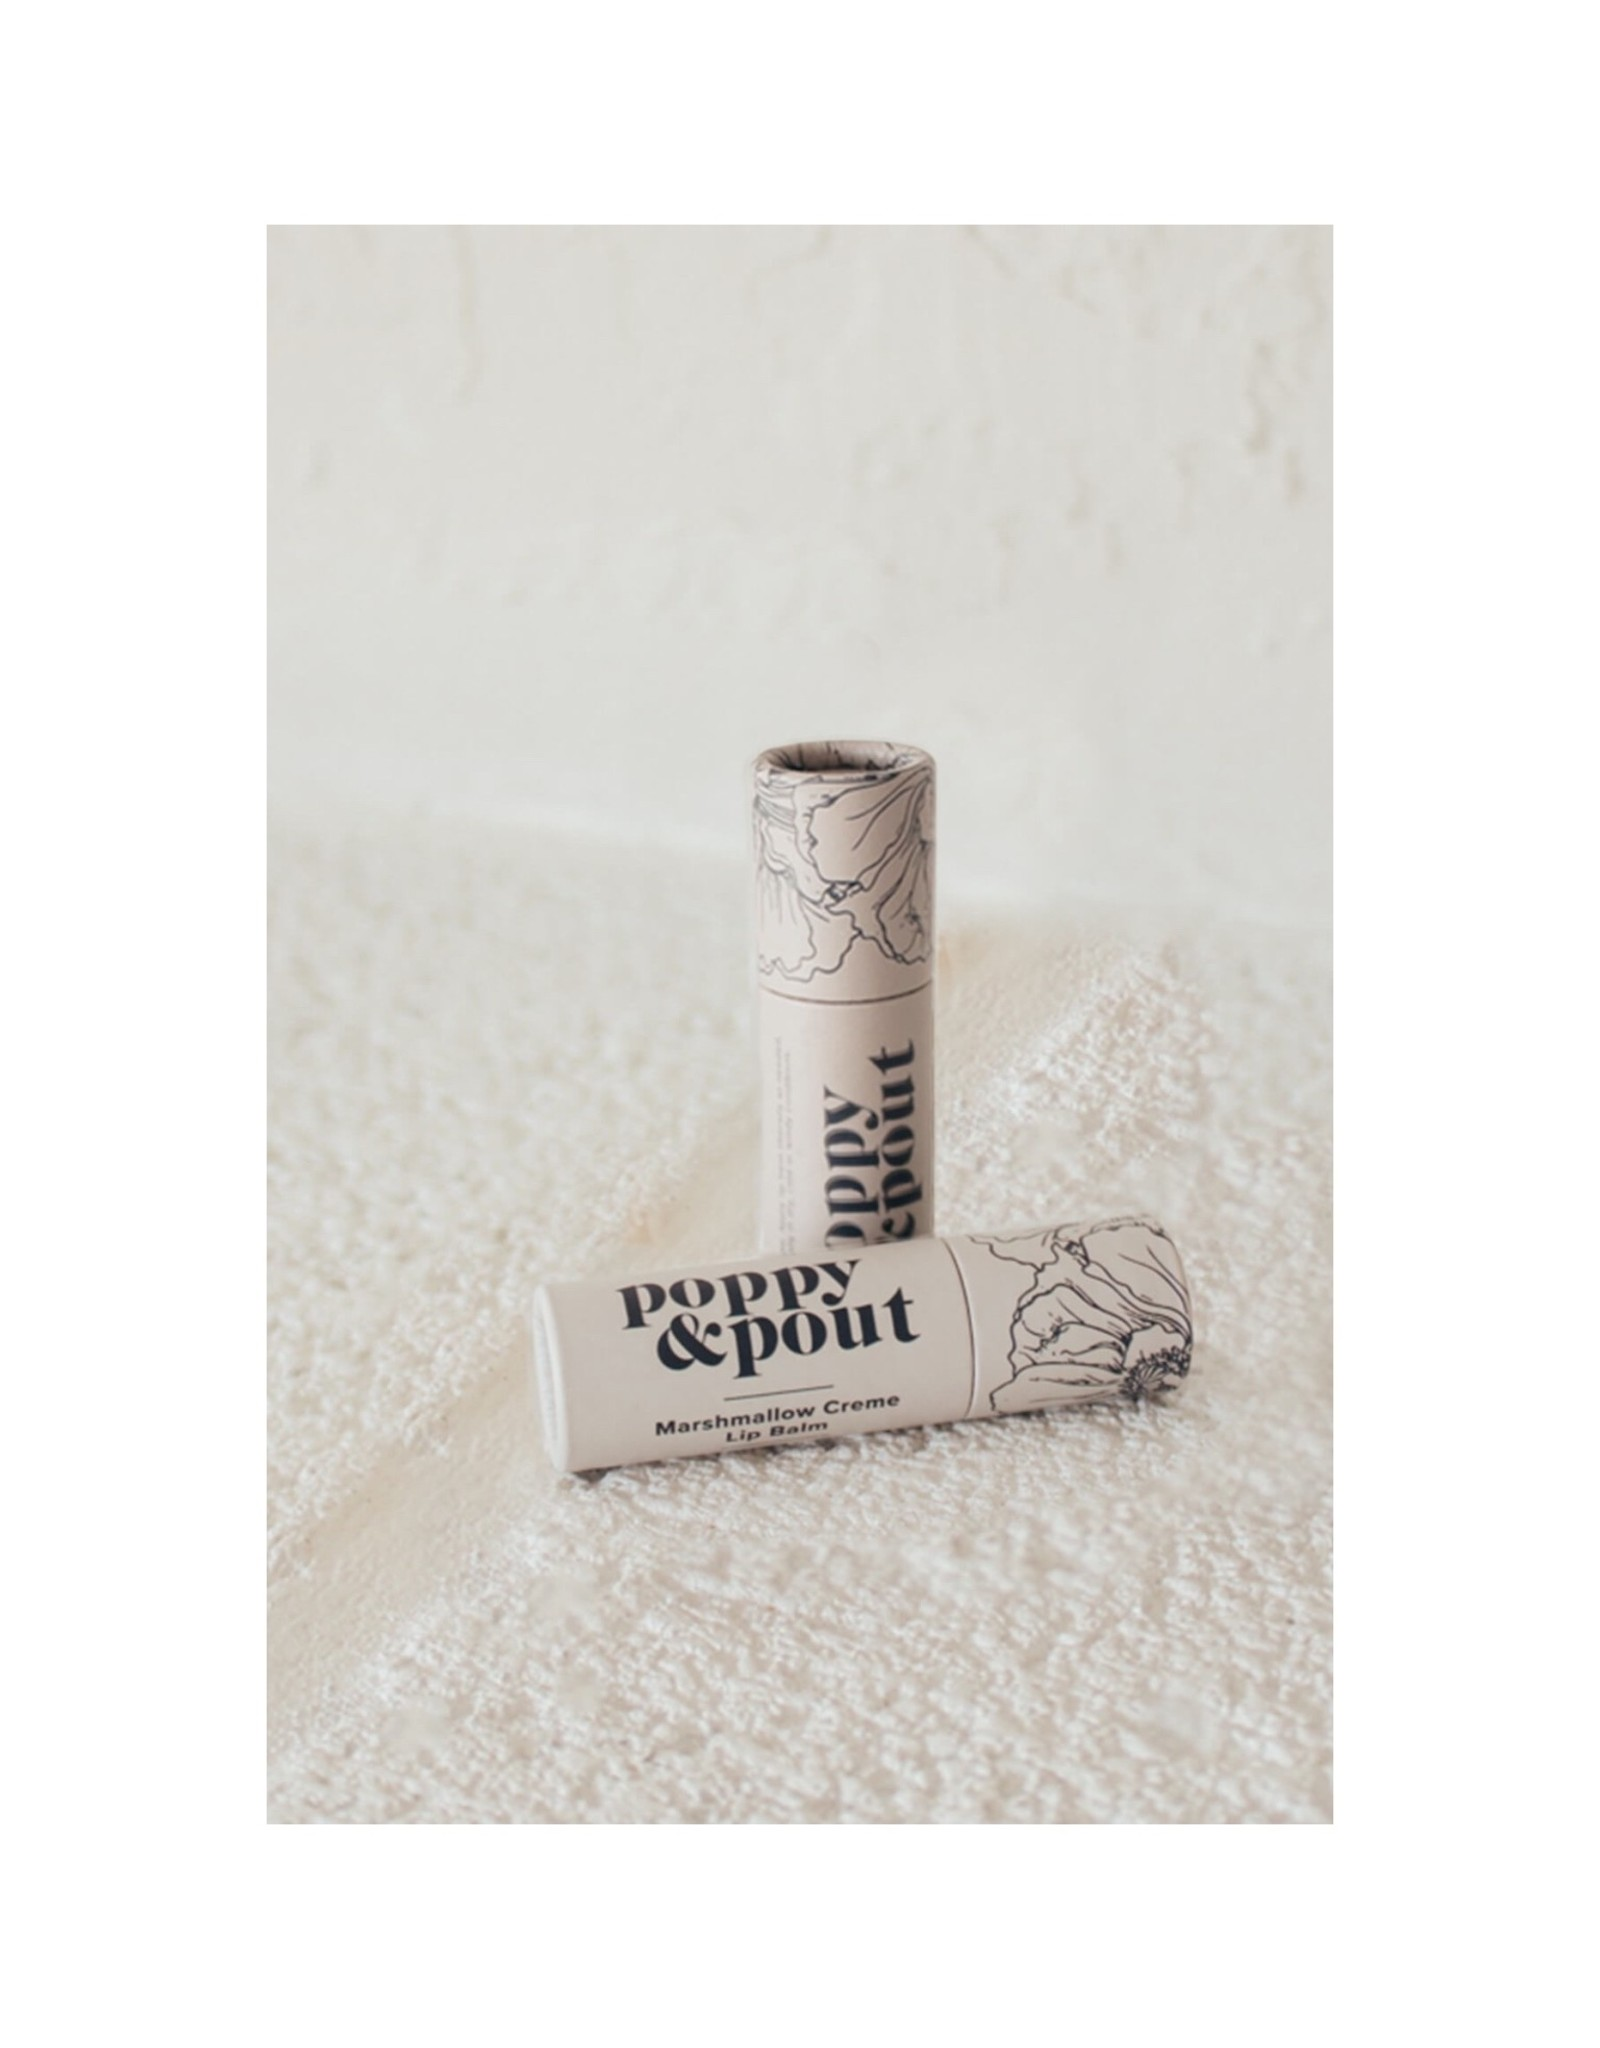 POPPY & POUT Mashmallow Creme Lip Balm